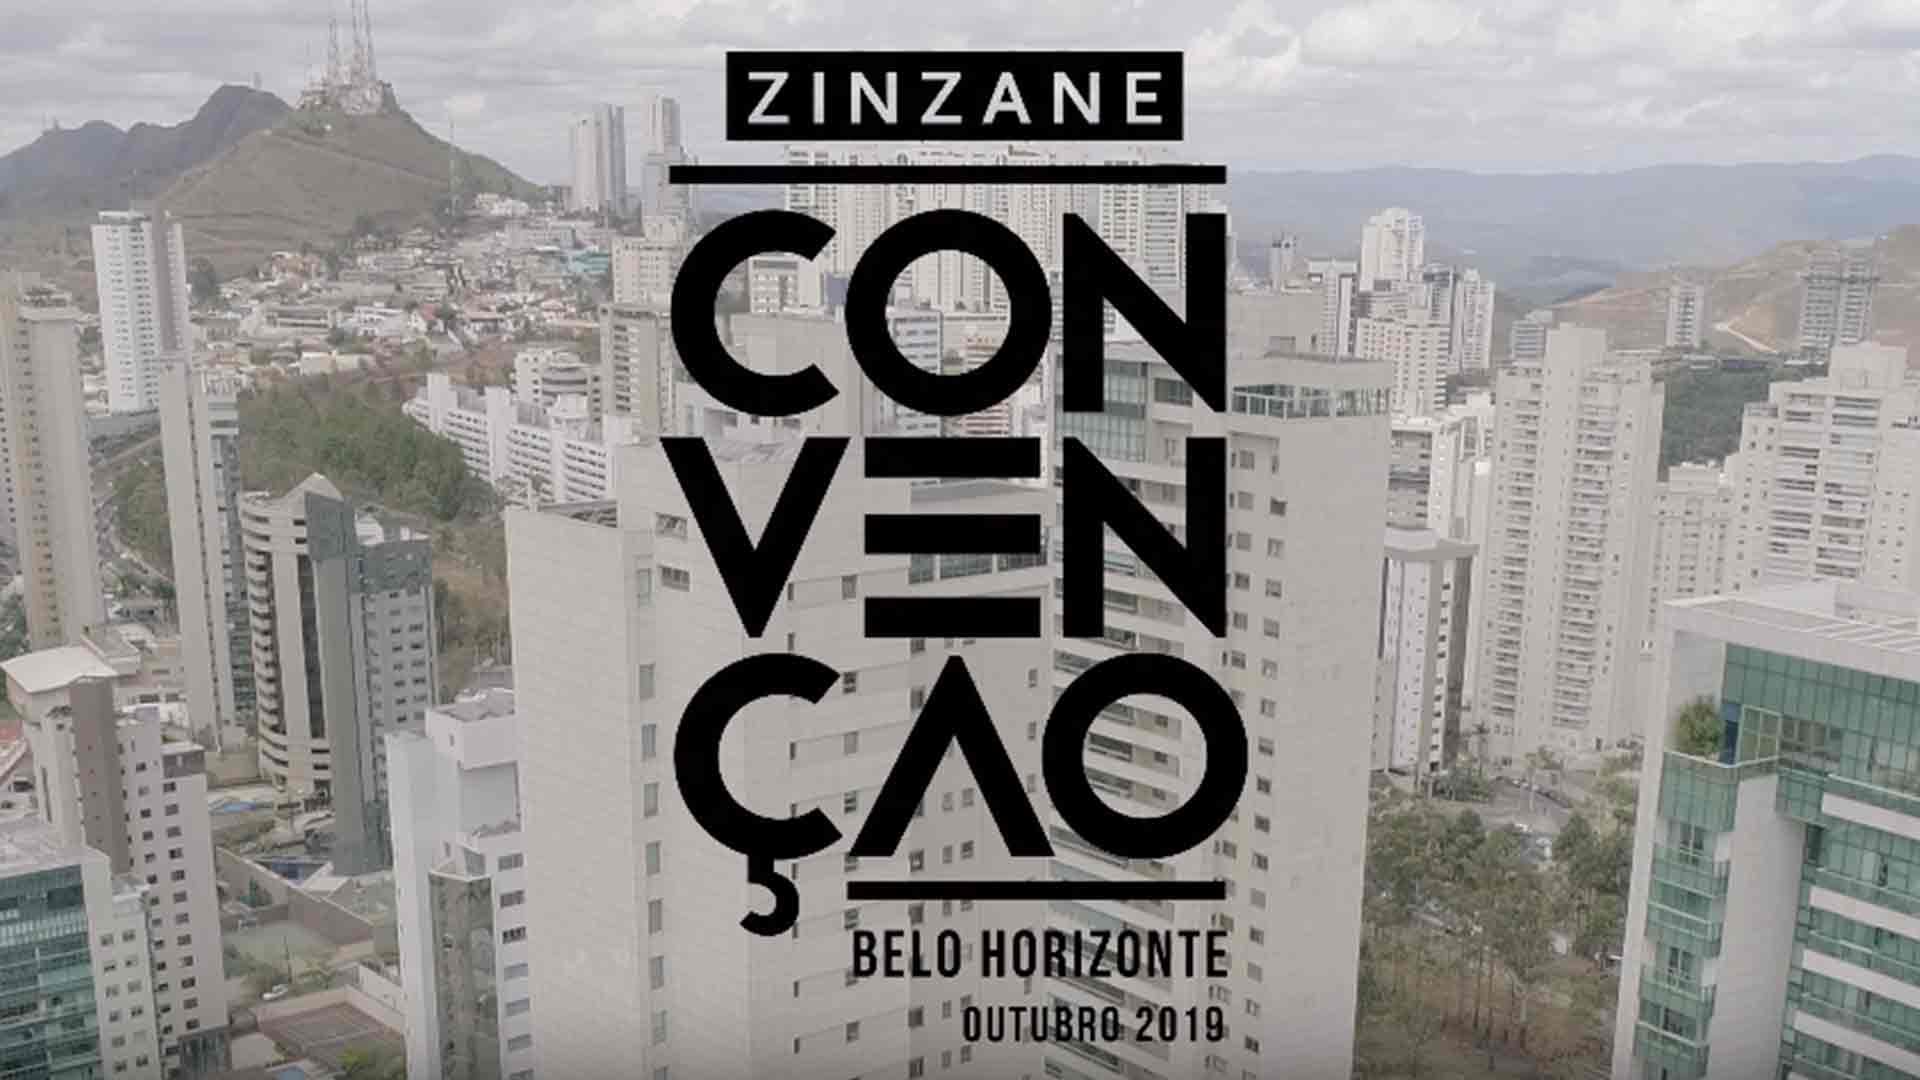 Filmagem e Fotografia de Eventos – Zinzane